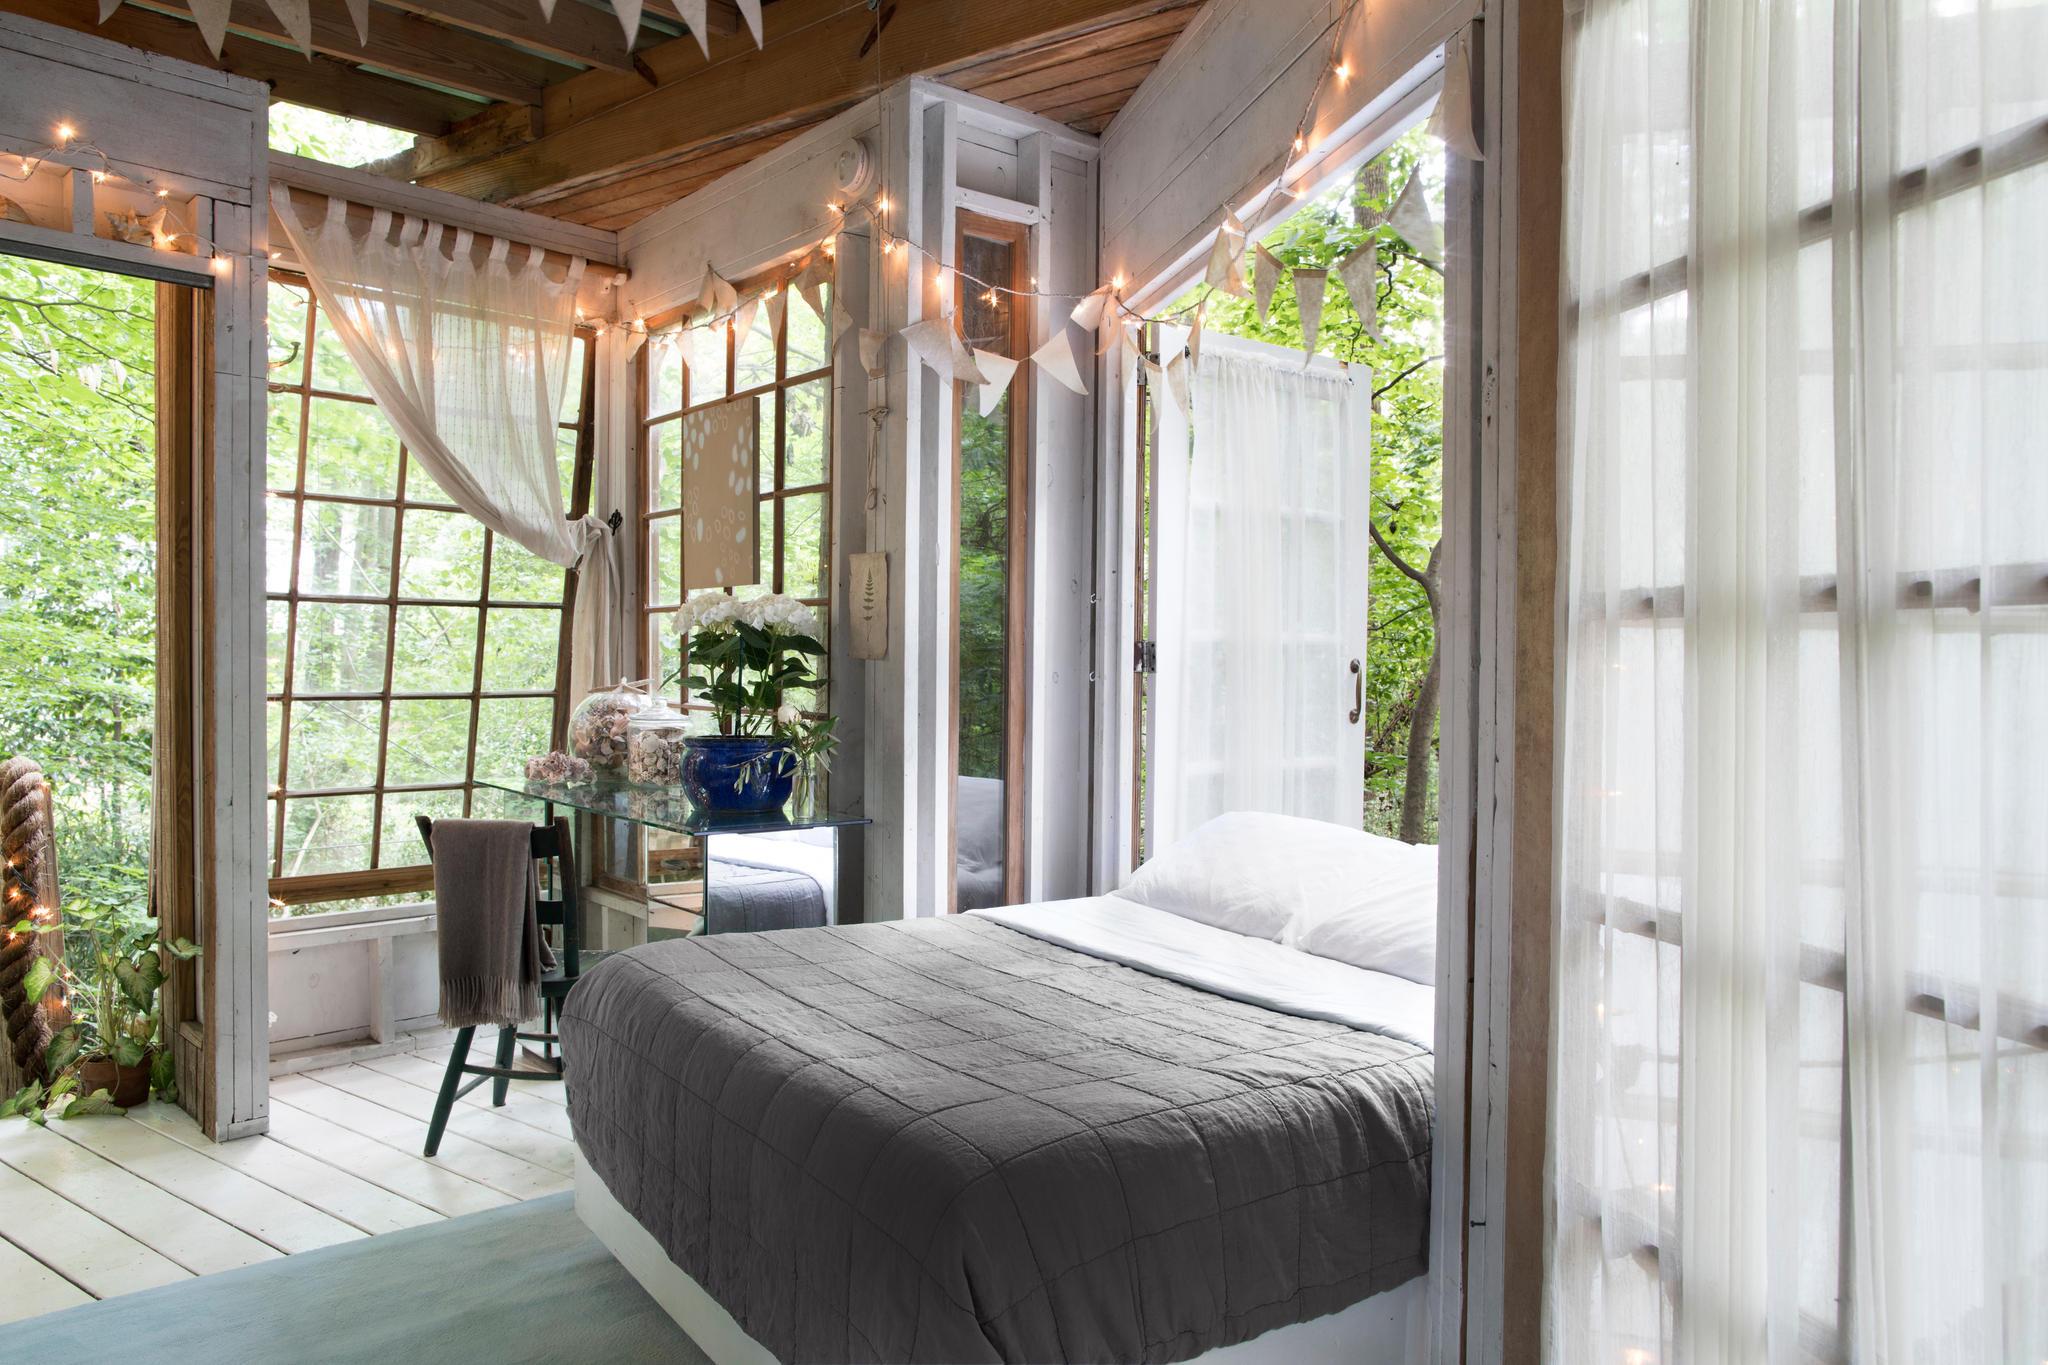 Das Größte: Das Bett lässt sich aus dem Schlafzimmer auf den Balkon rollen, dass man unter freiem Himmel schlafen kann. Leider ist das Haus sehr teuer: Ab 328 Euro/Nacht unter www.airbnb.de/rooms/1415908